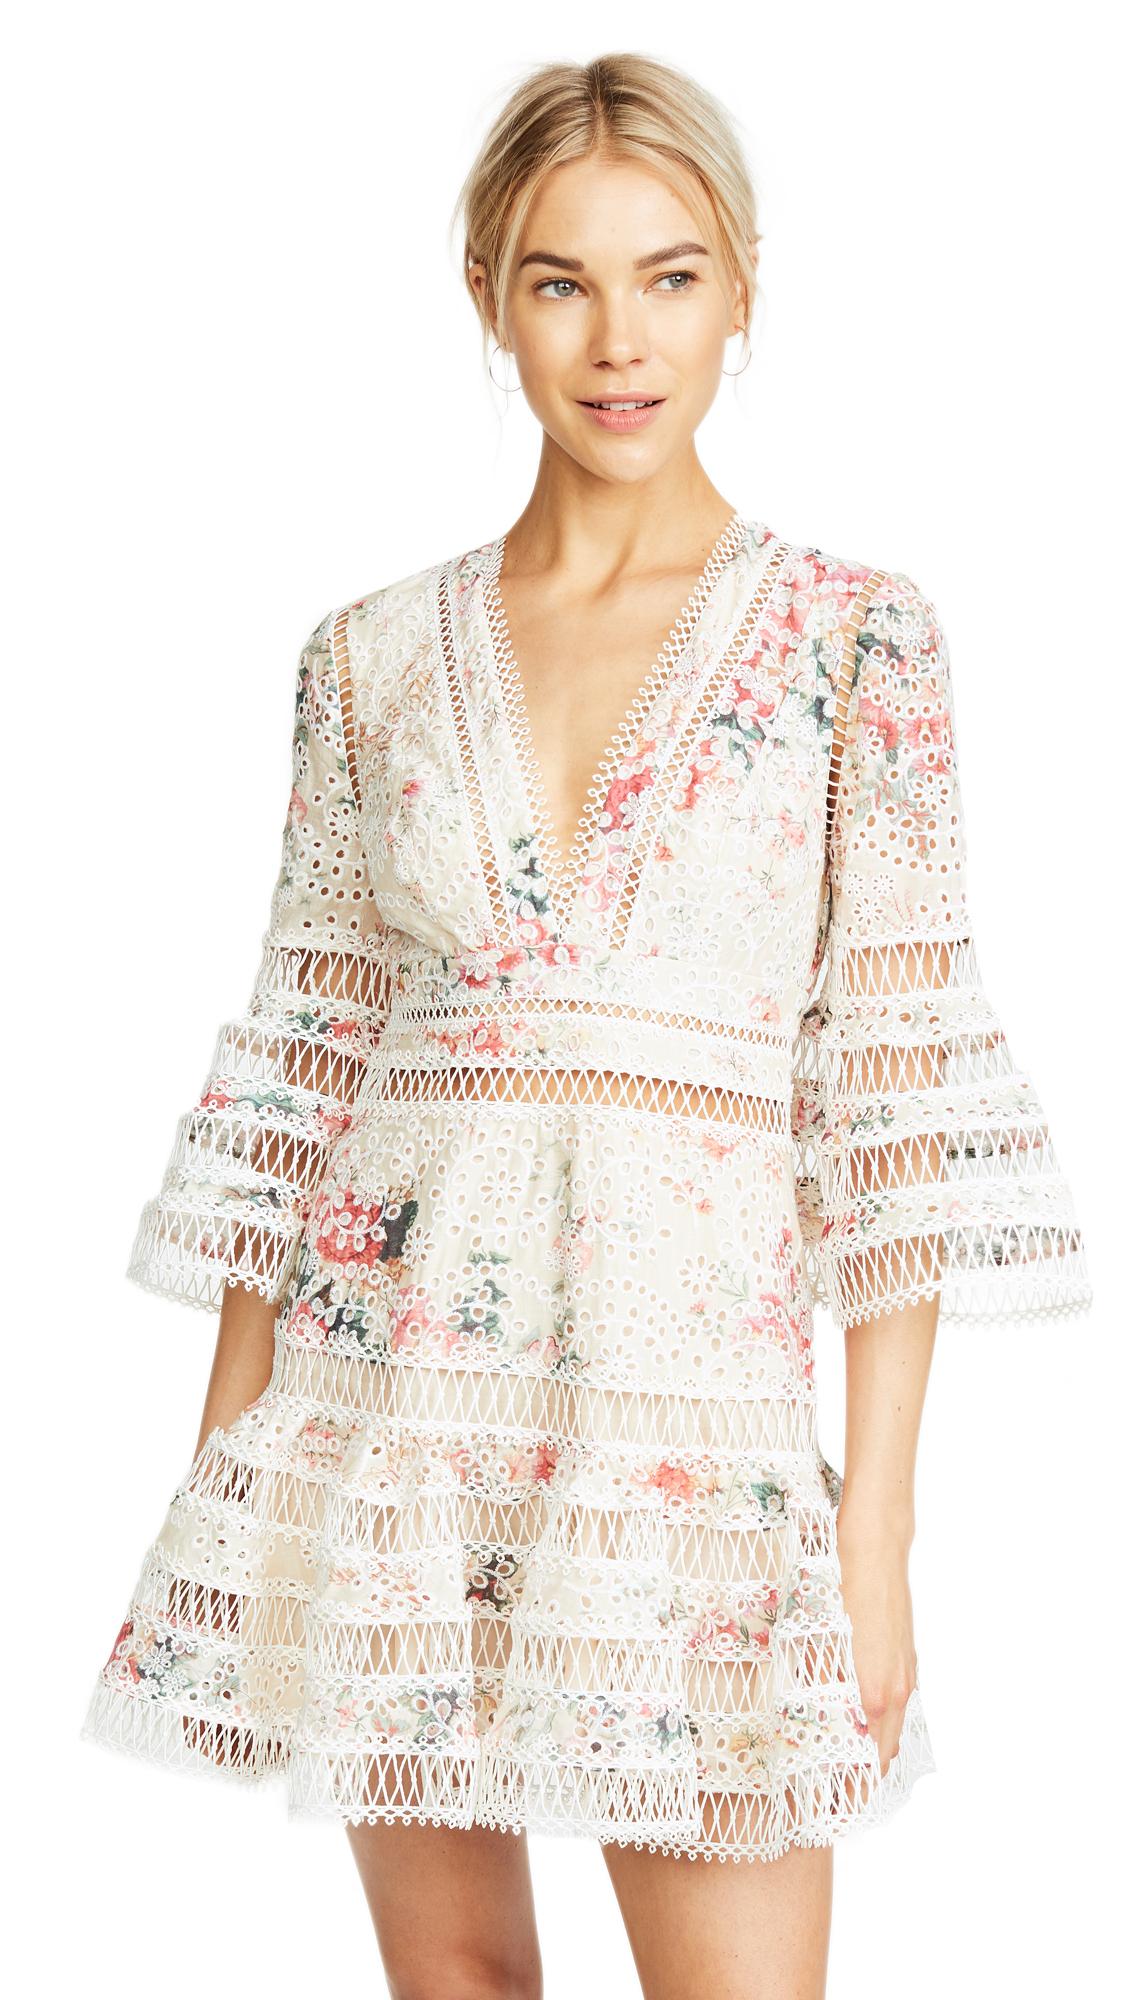 Zimmermann Laelia Diamond Flutter Dress In Meadow Floral